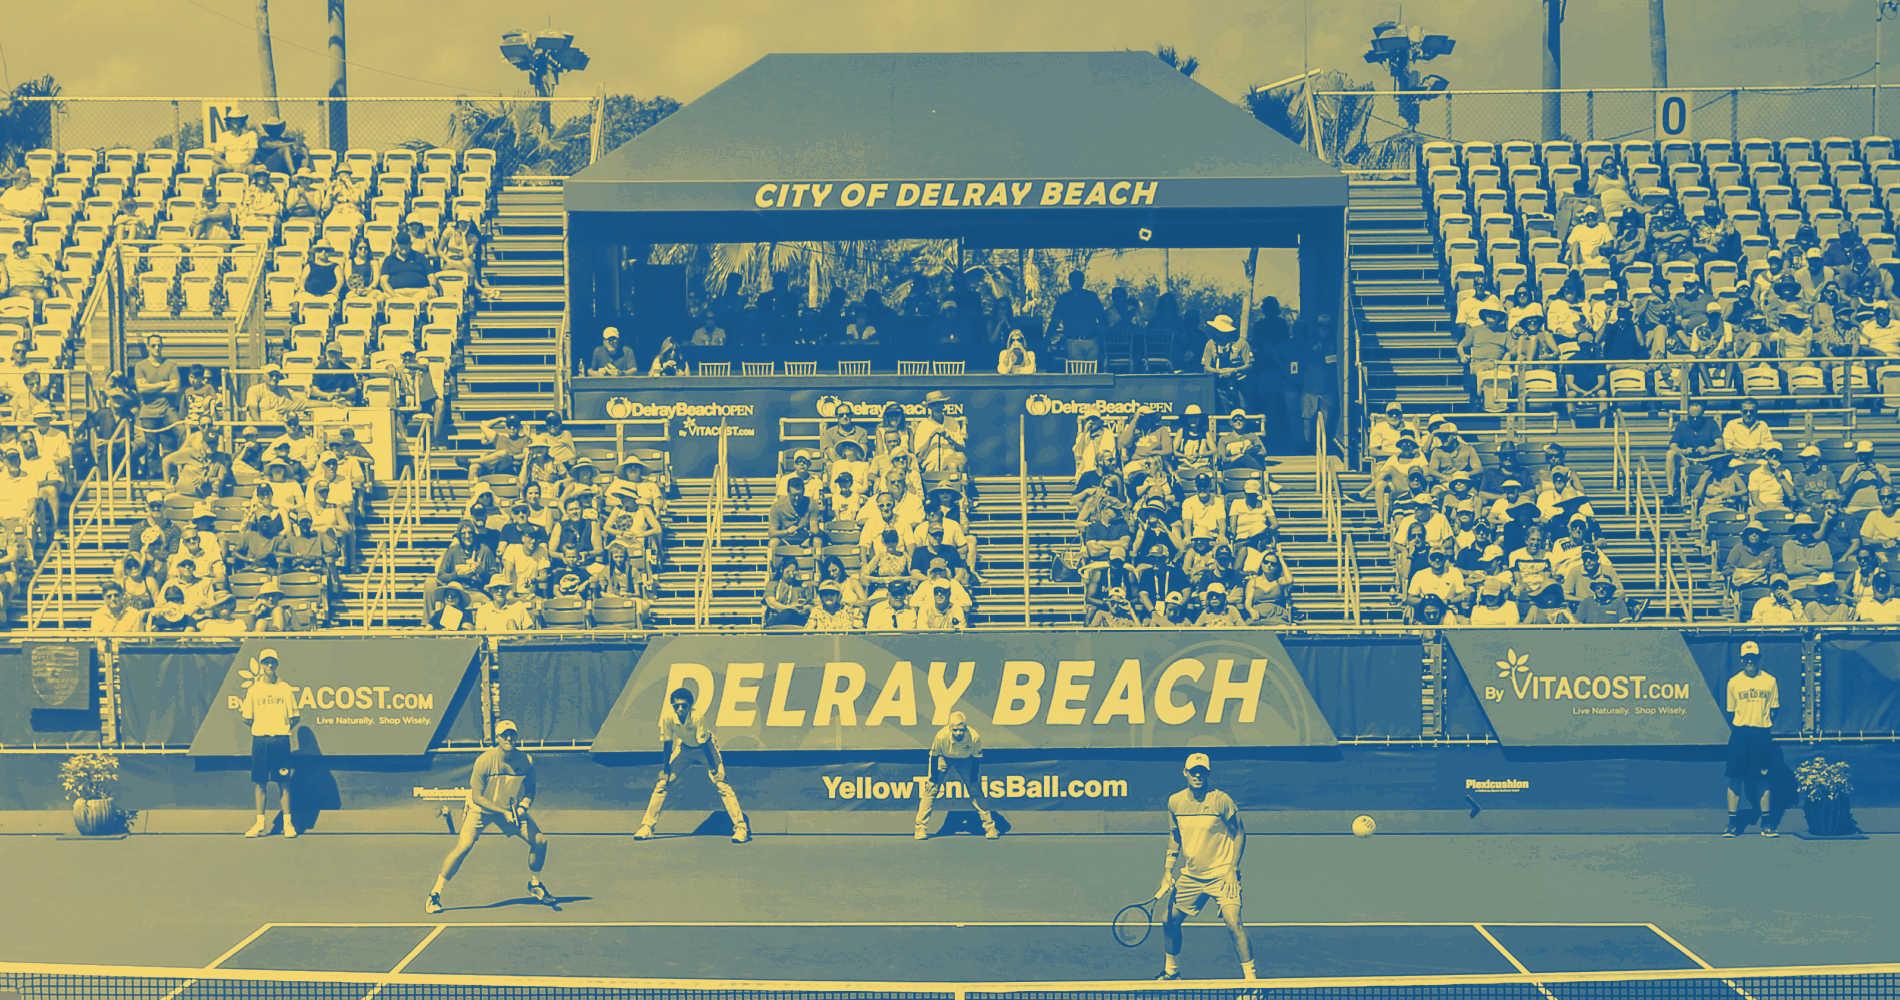 Tennis in 2021: Delray Beach Open